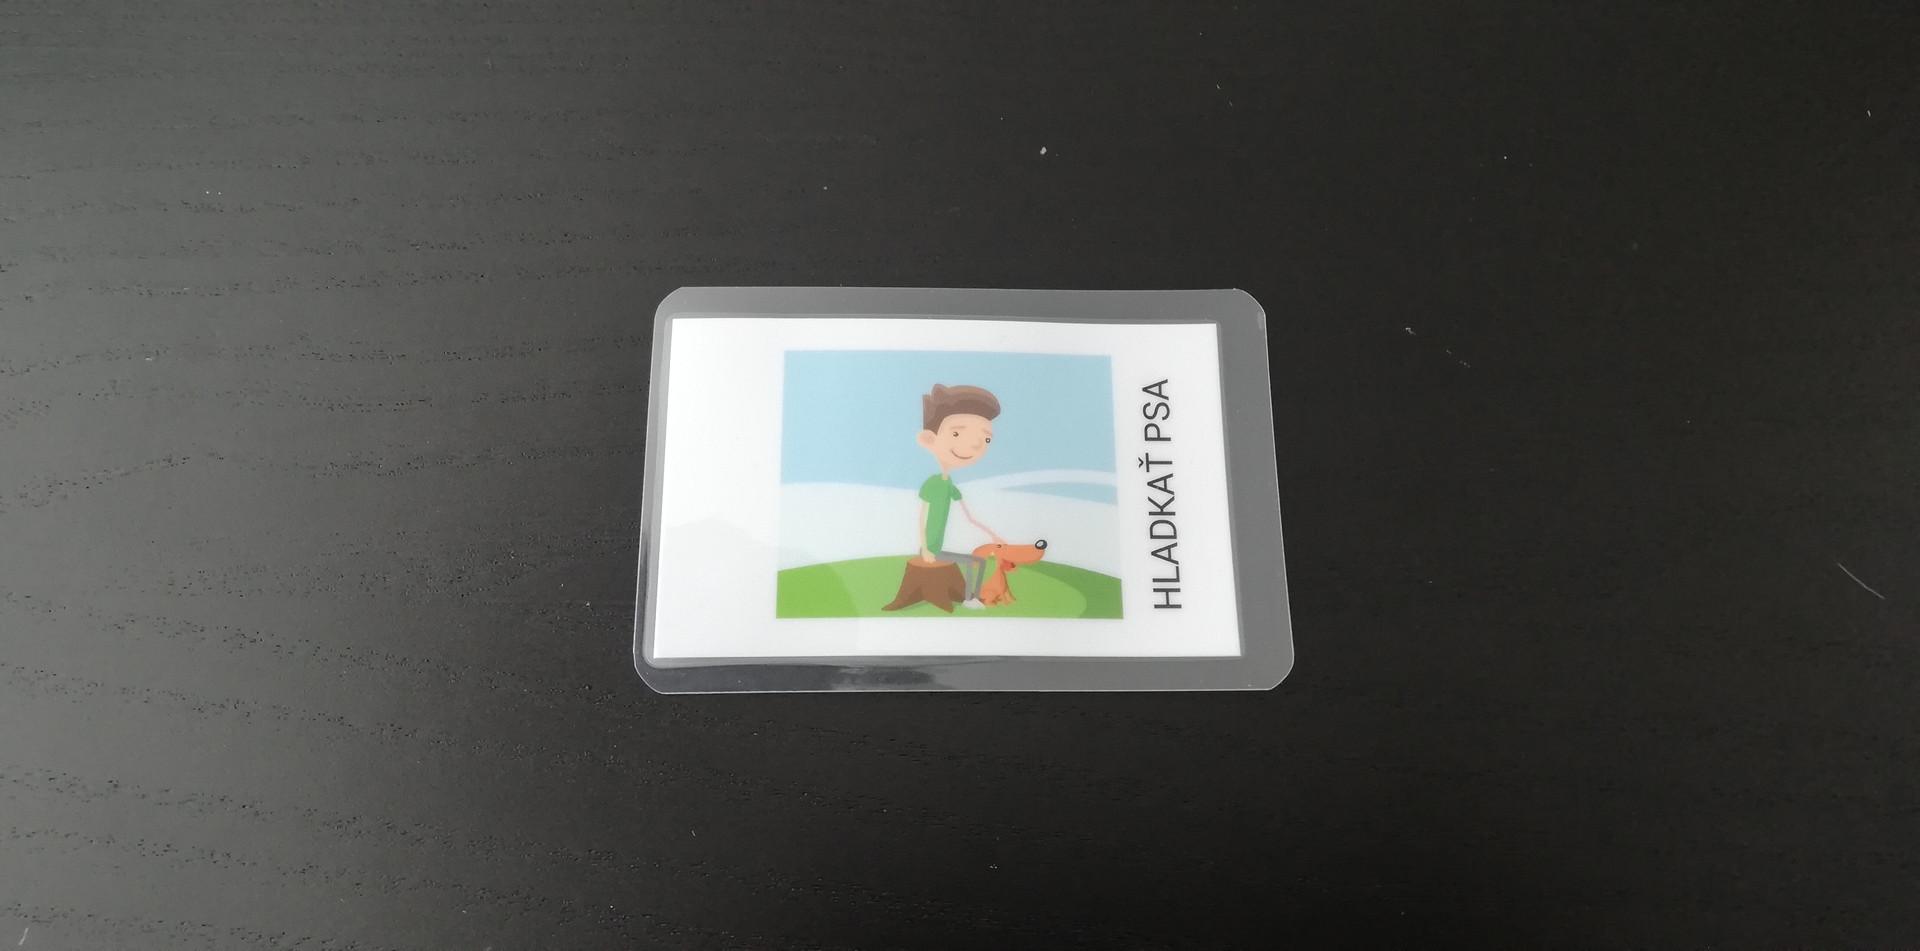 Vytiskněte obrázek, na zadní stranu naneste nálepku NFC a zalaminujte ji